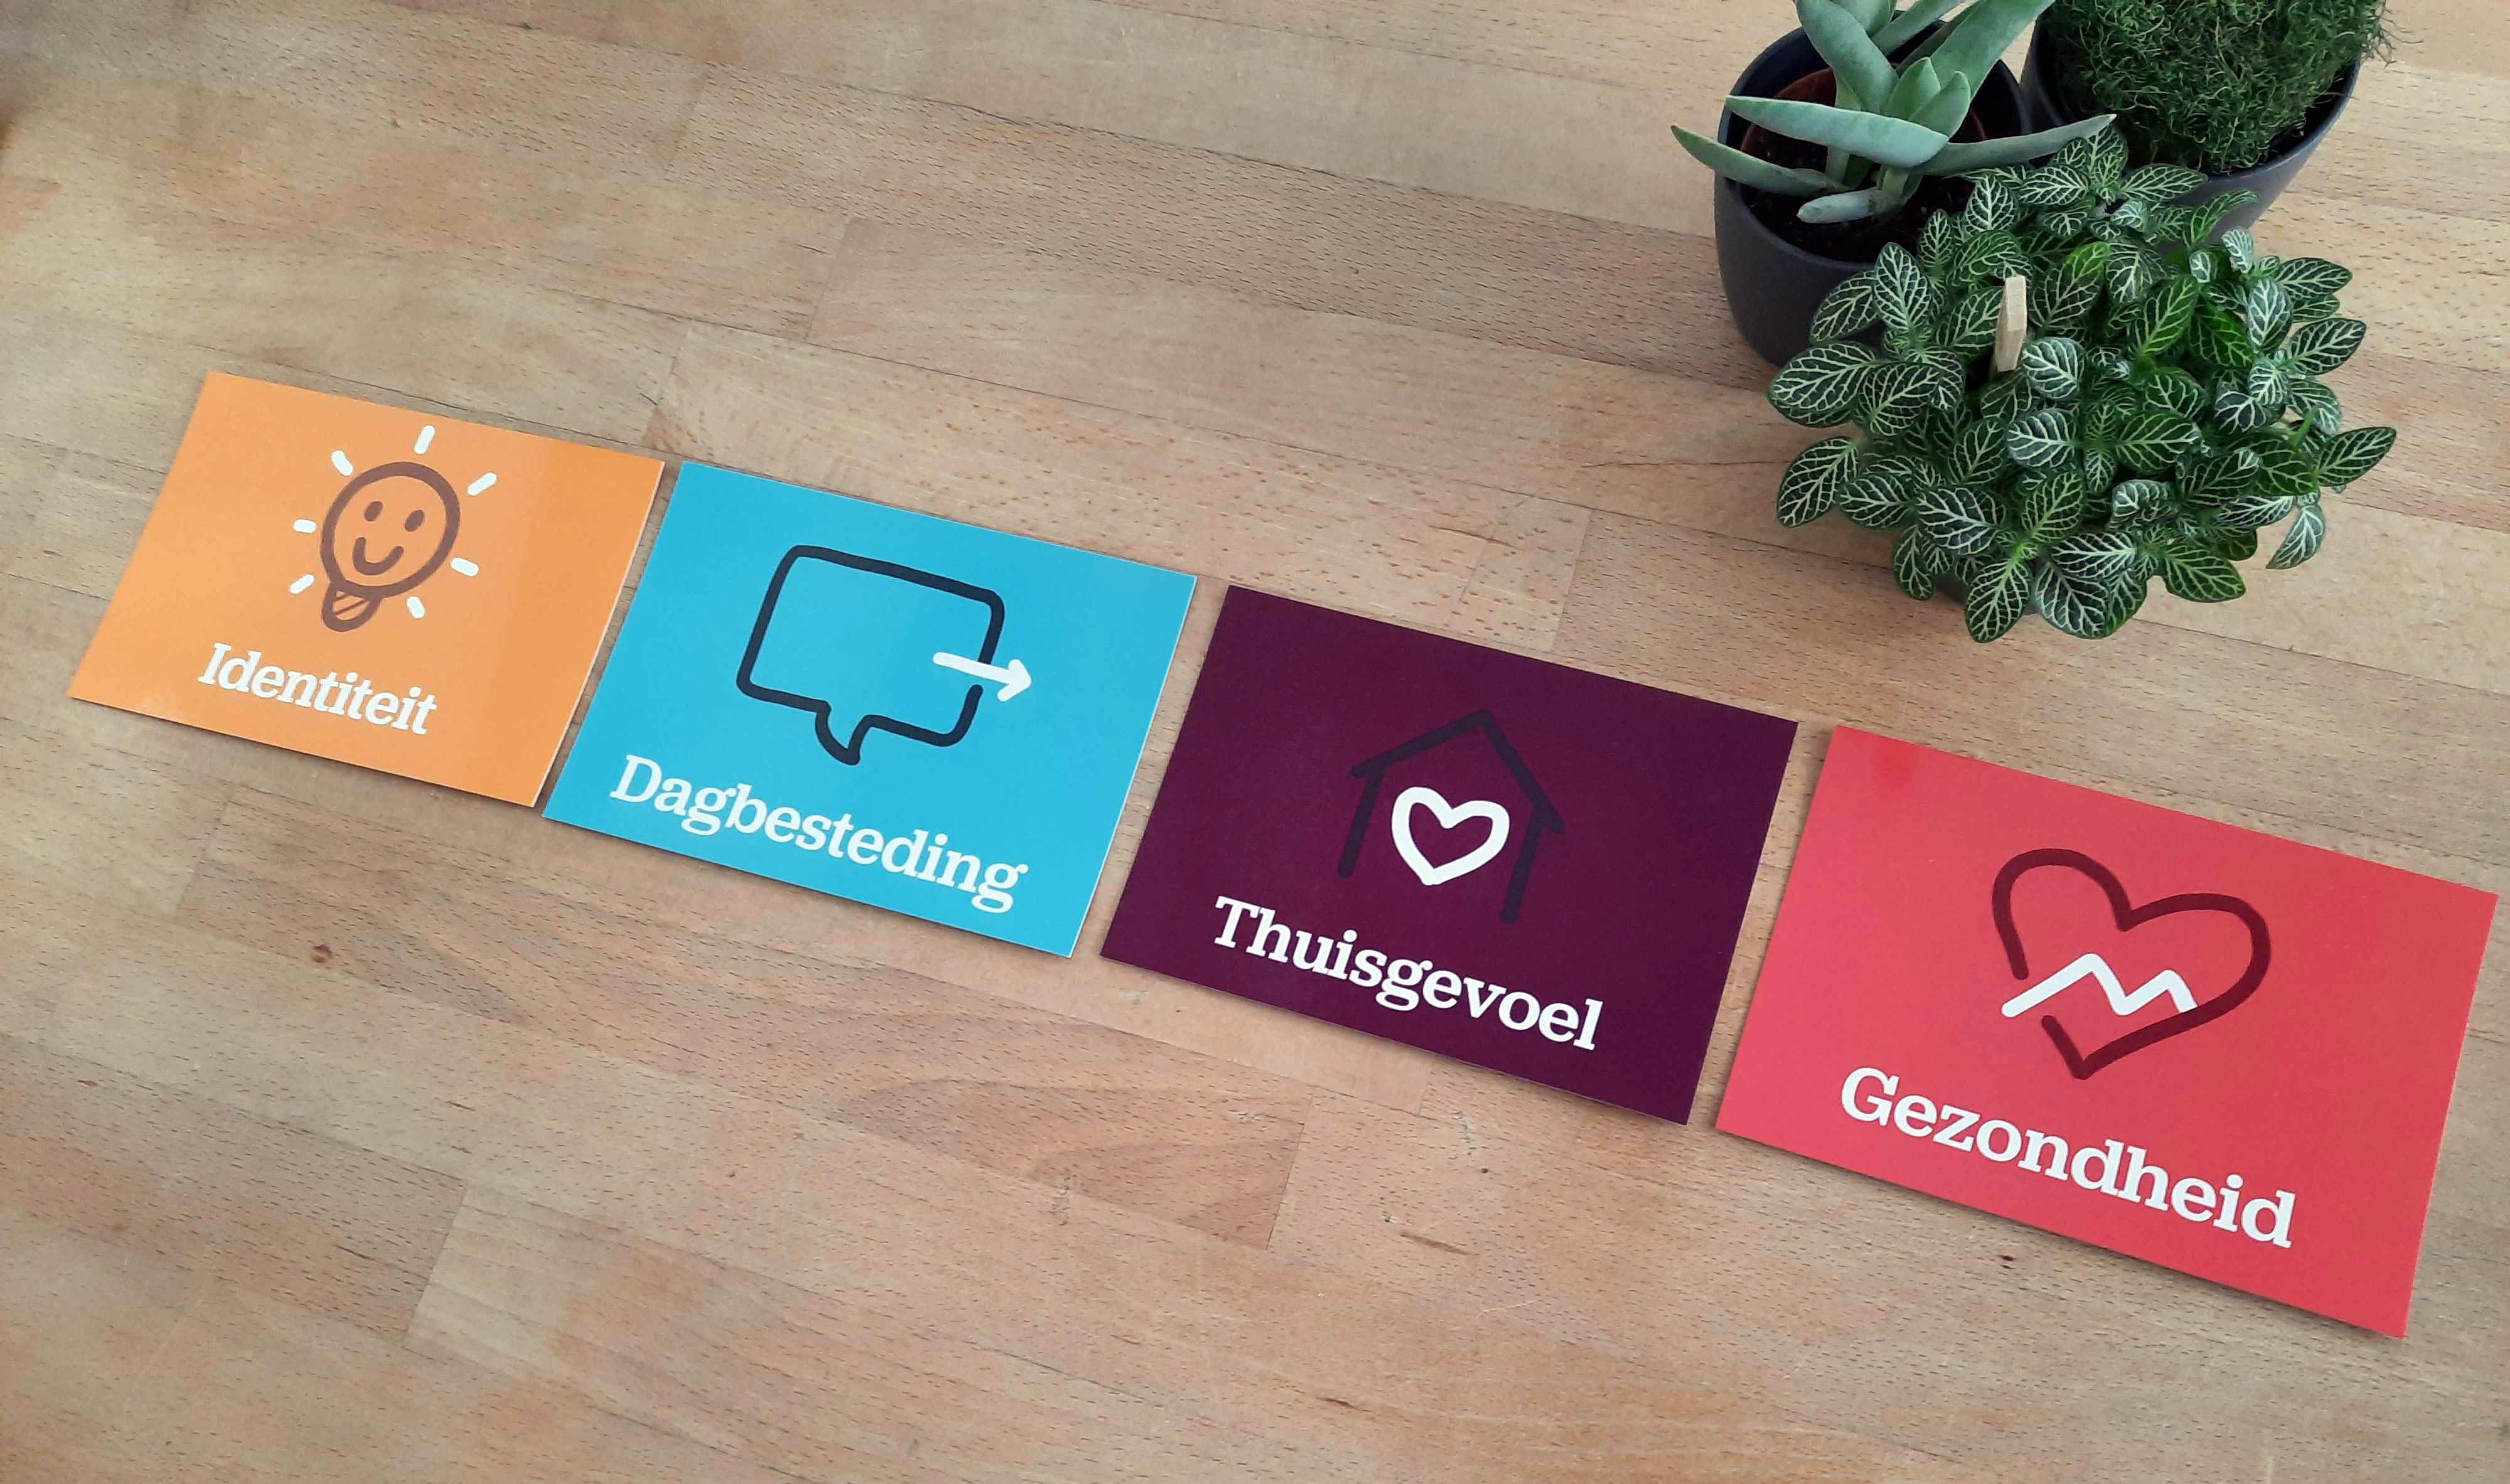 De kaartjes zijn opgedeeld in vier domeinen.